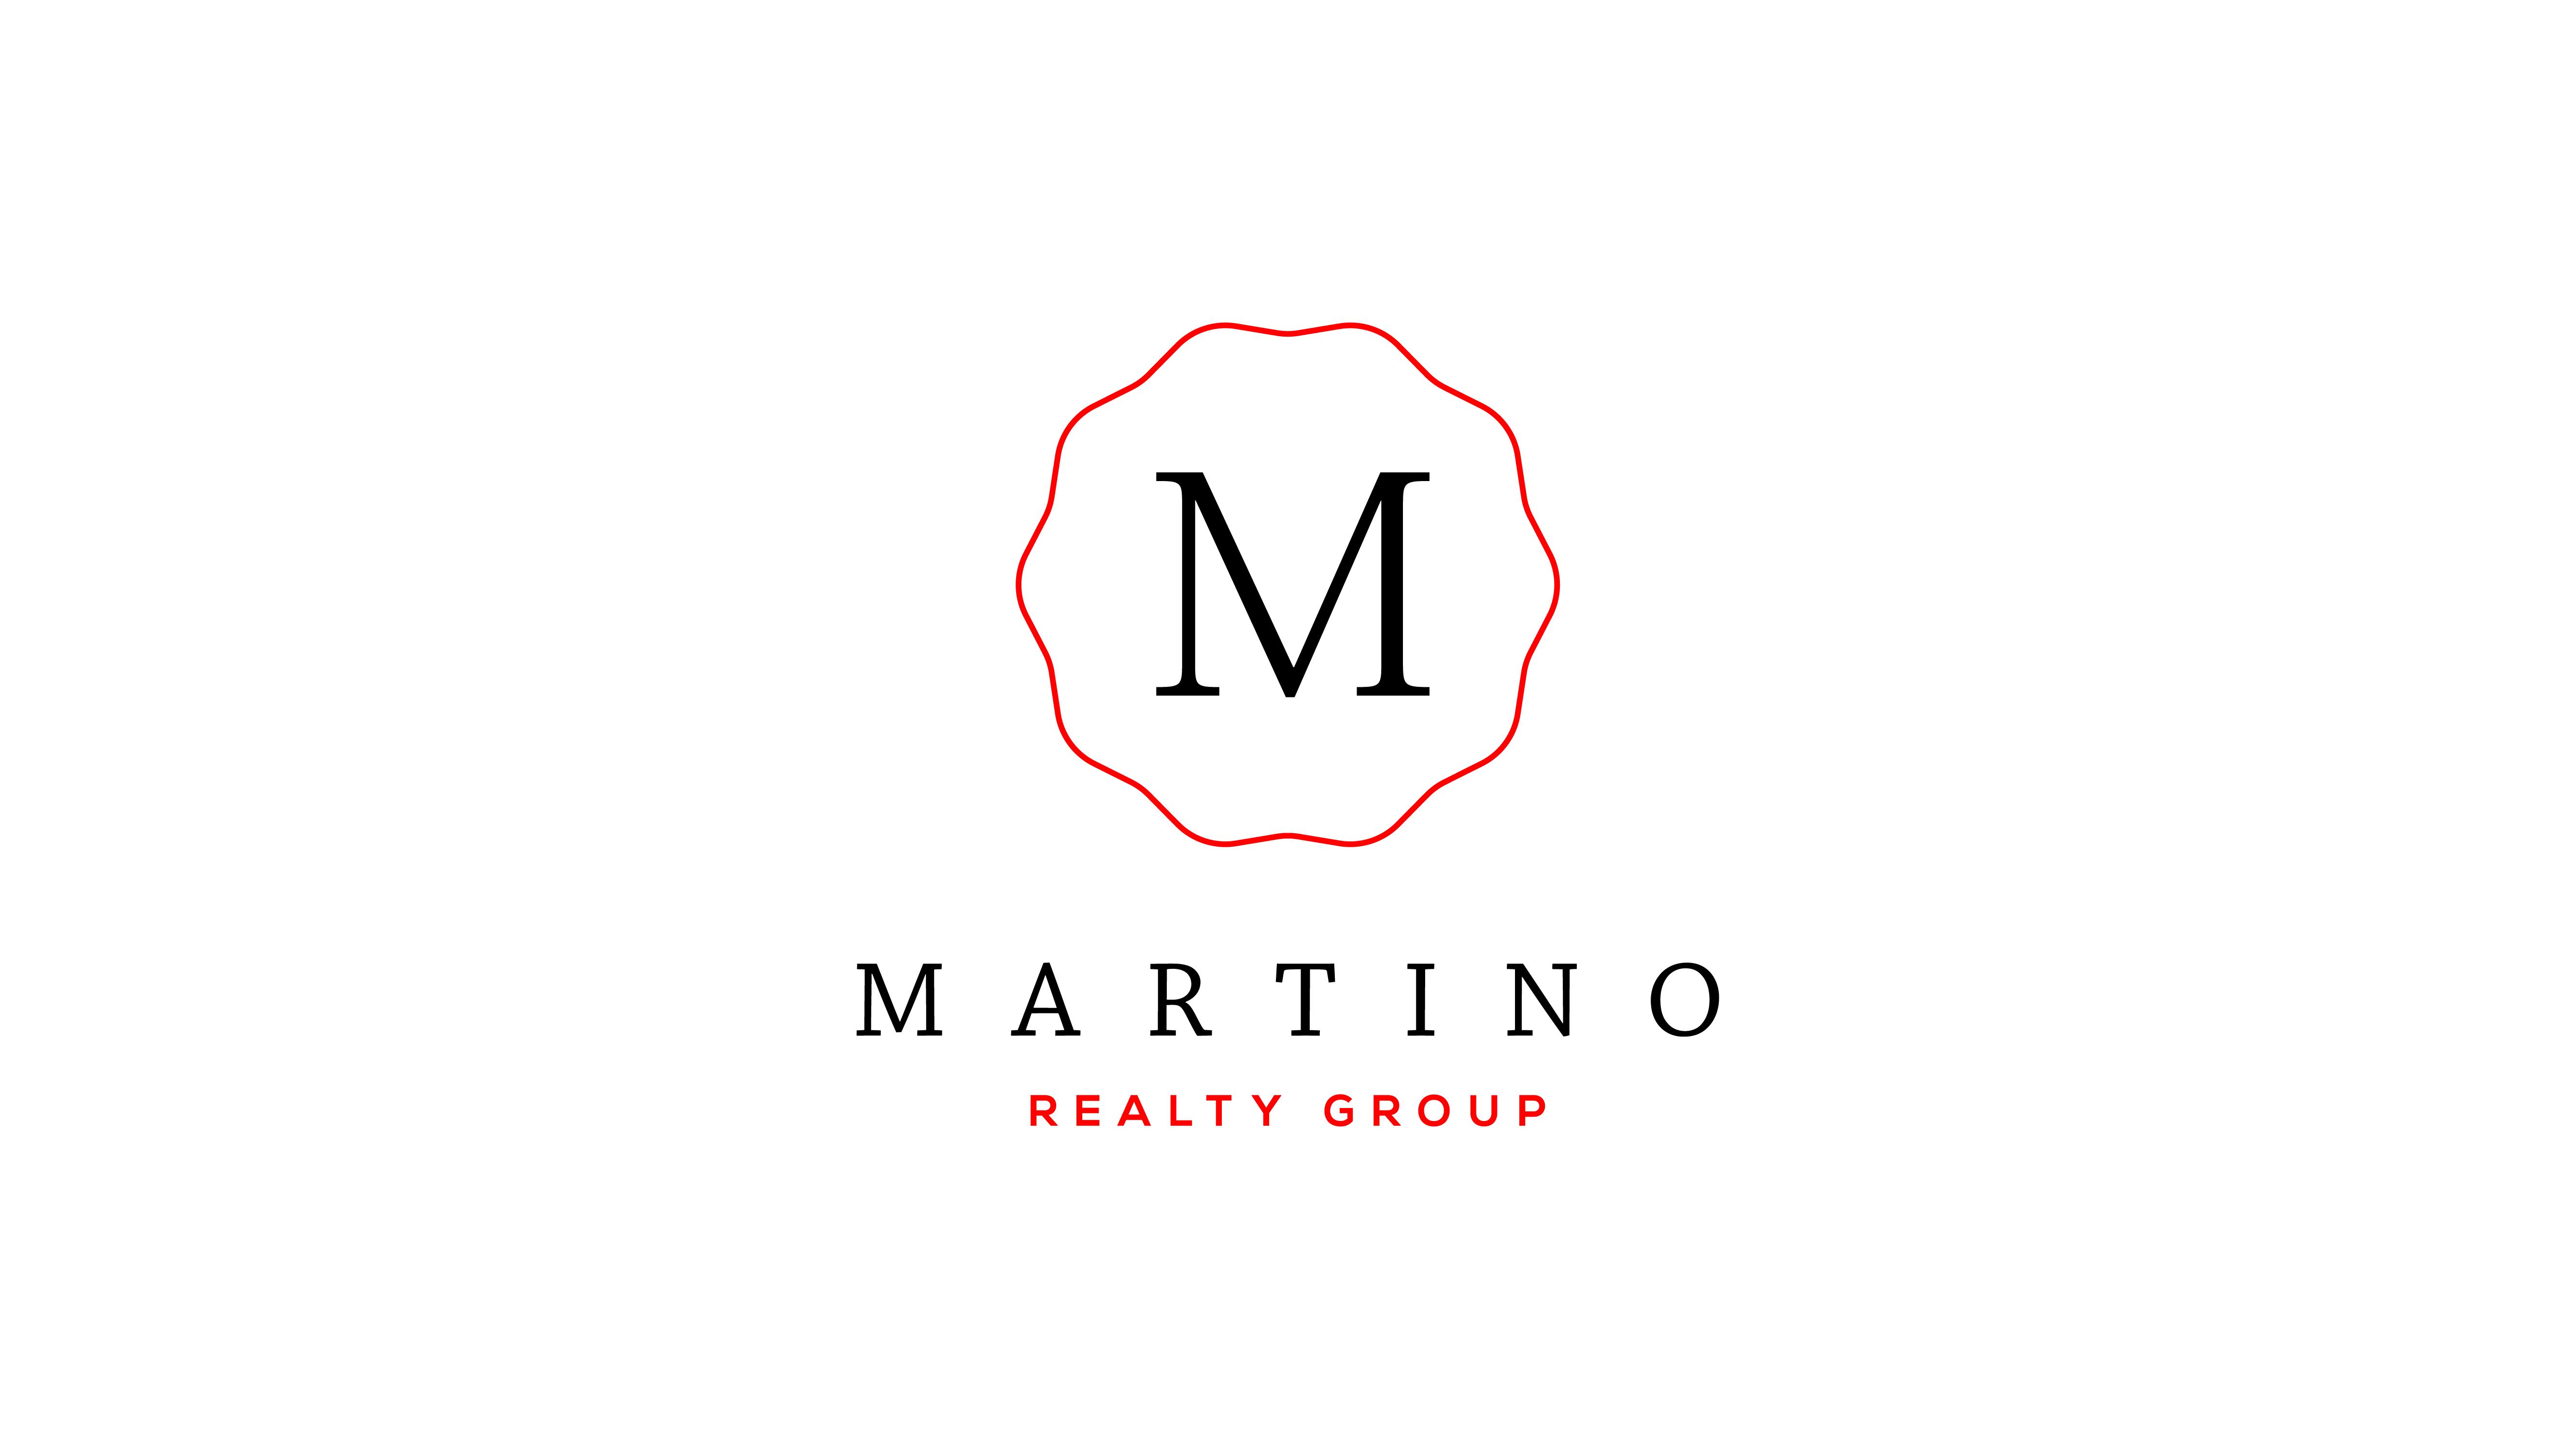 Martino Realty